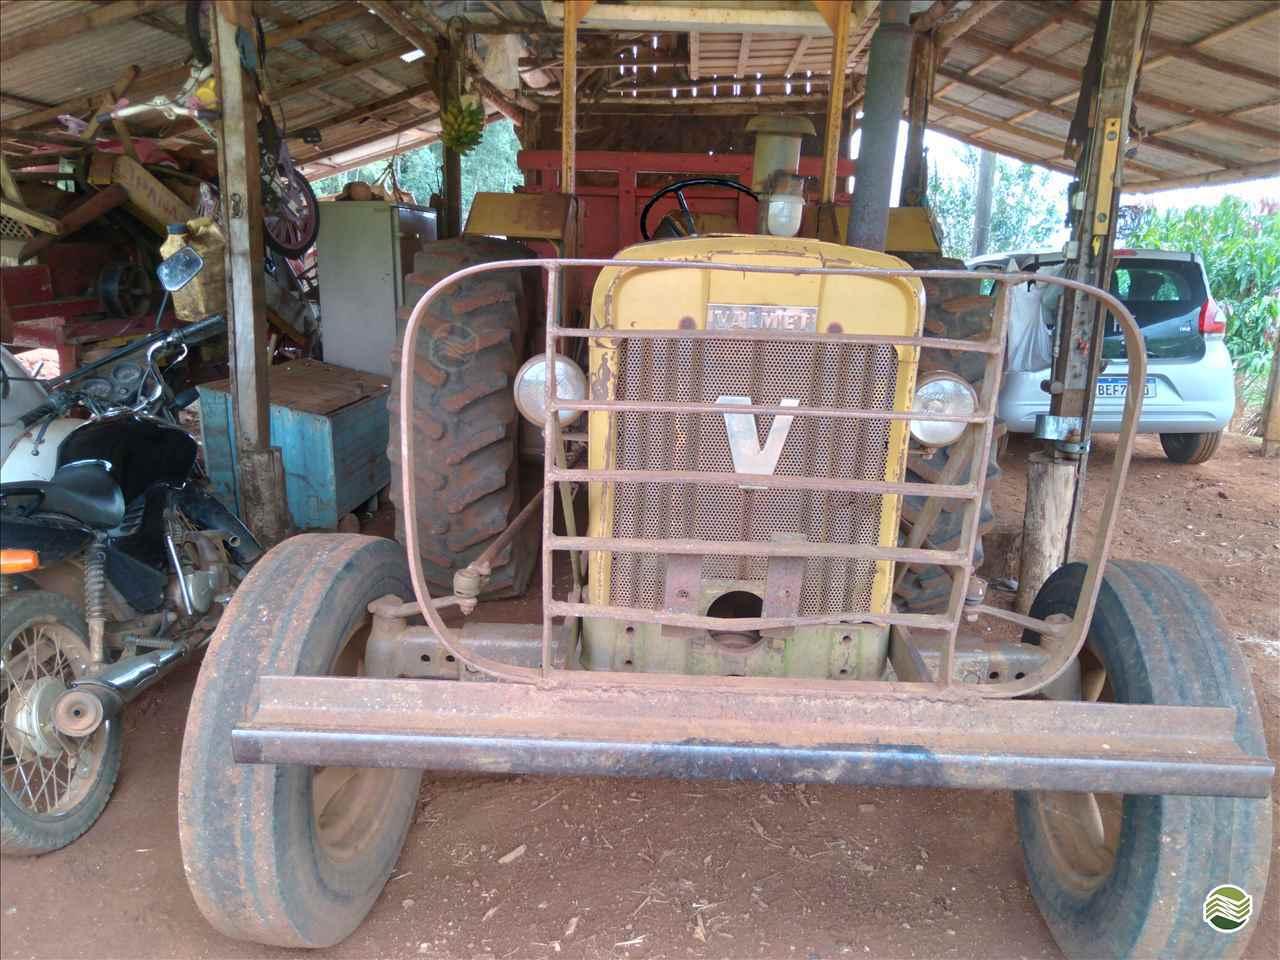 TRATOR VALMET VALMET 85 Tração 4x2 Central Agro CASCAVEL PARANÁ PR